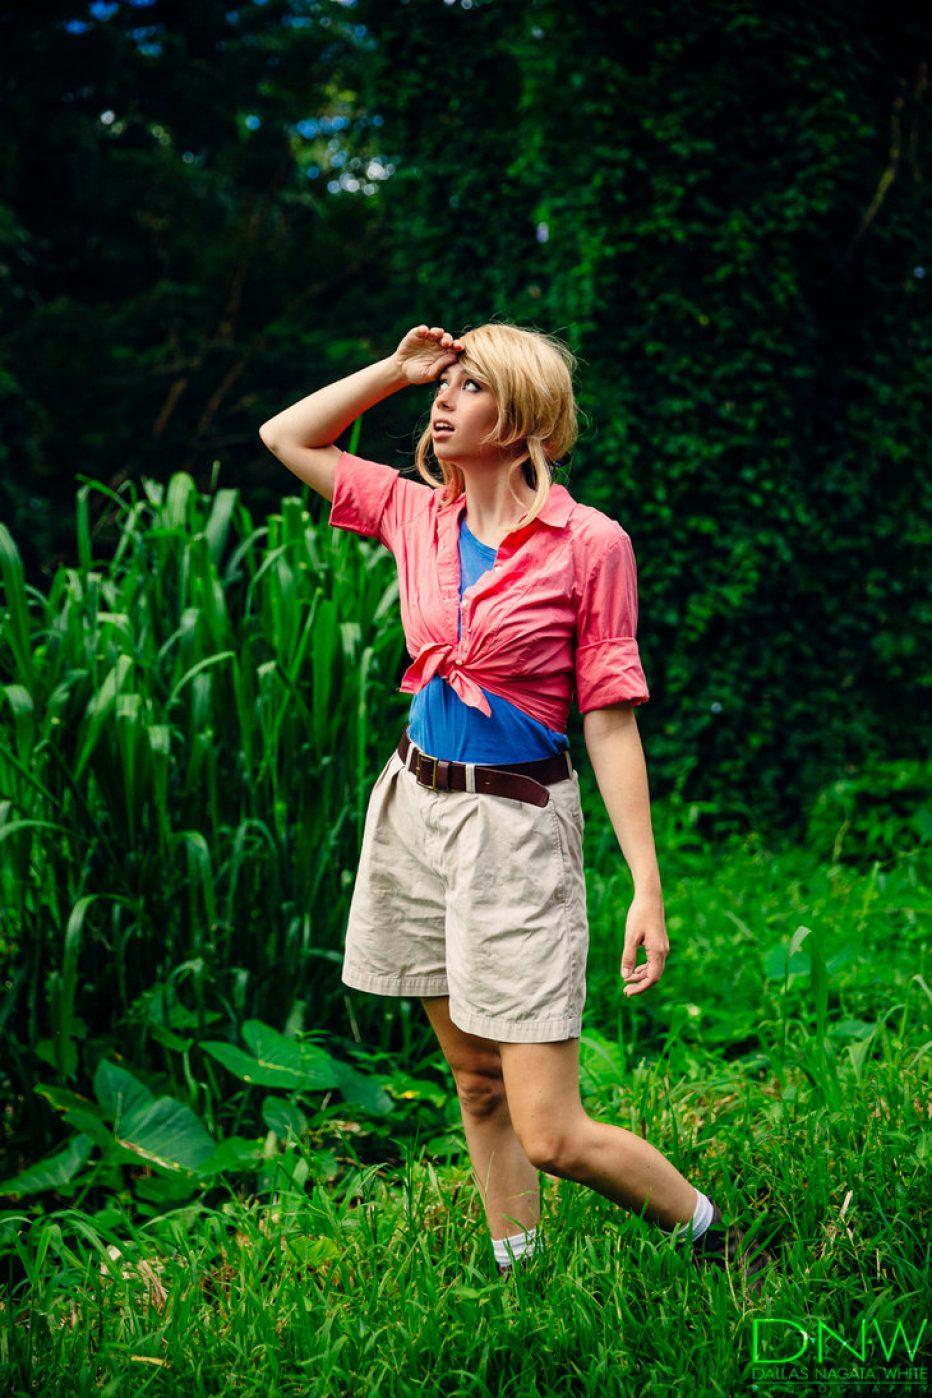 Jurassic-Park-Dr.-Ellie-Sattler-Cosplay-Gamers-Heroes-2.jpg